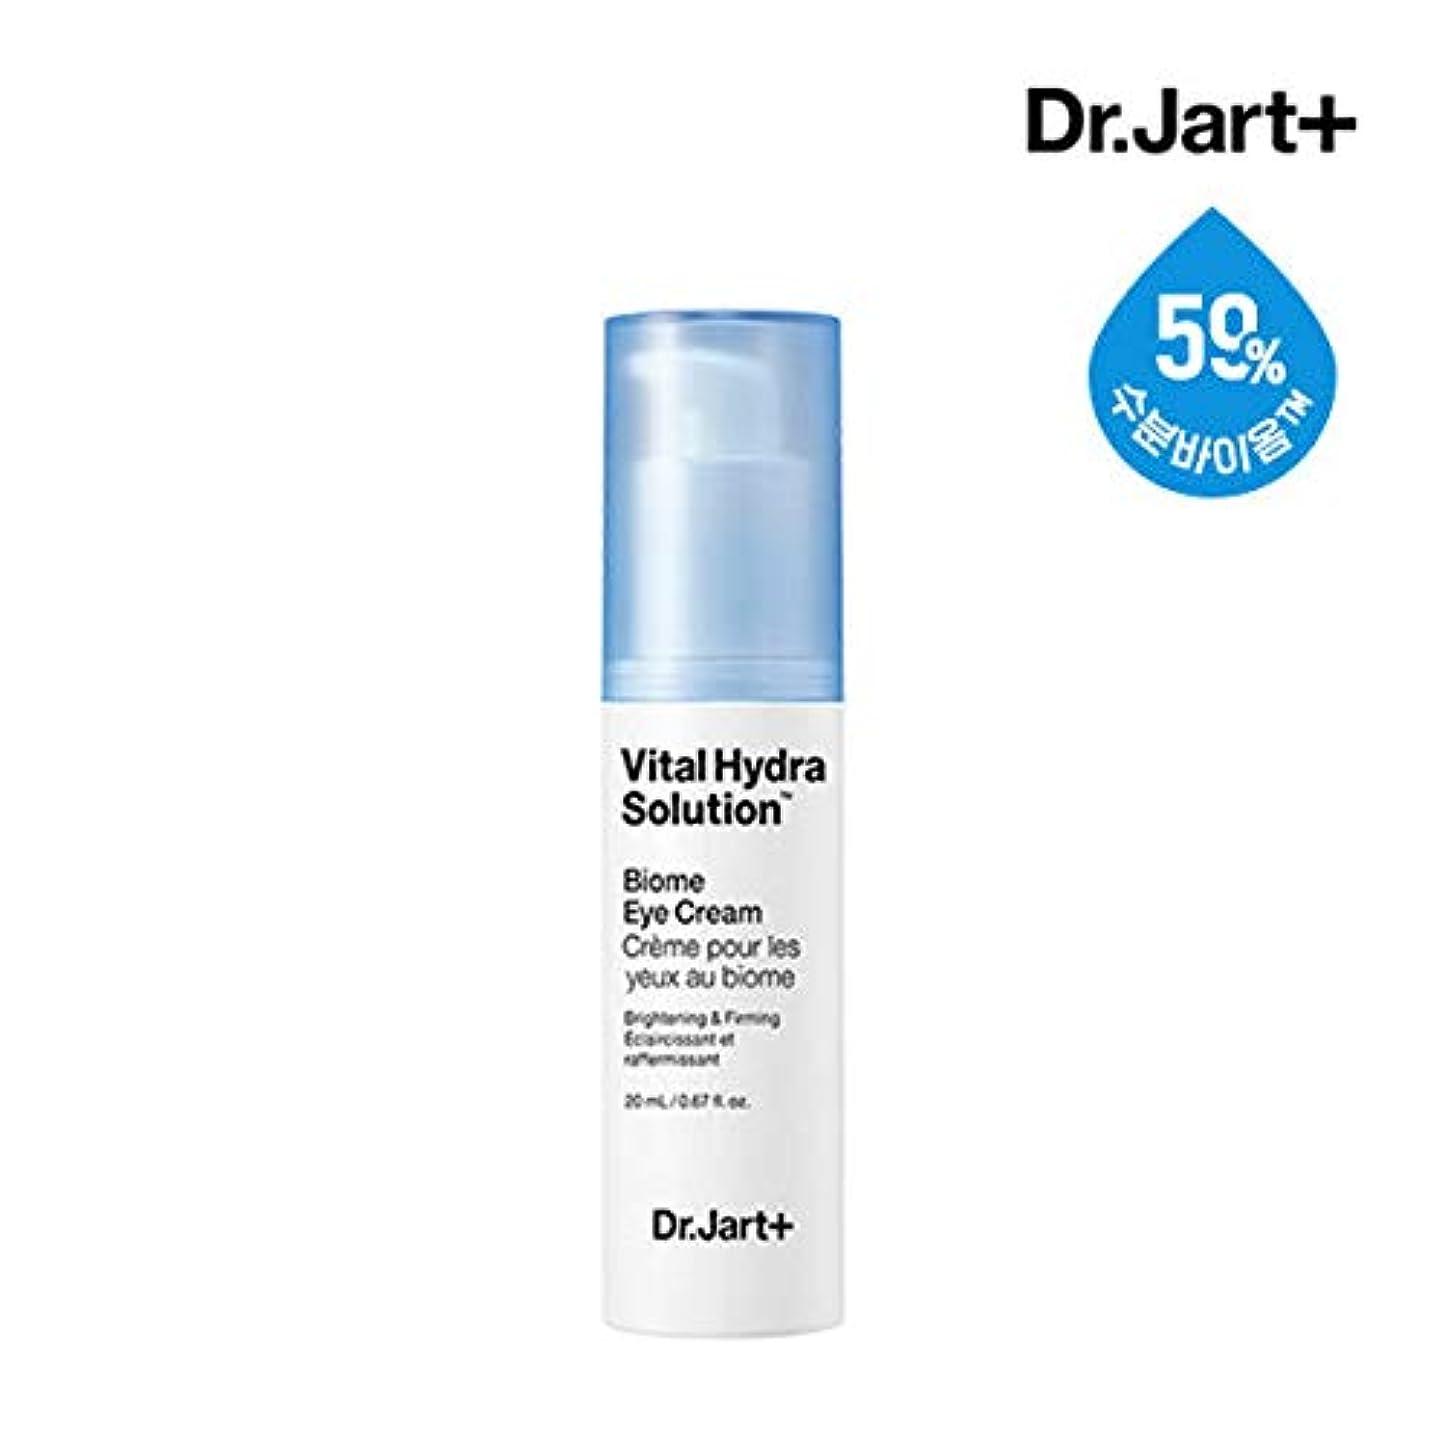 はちみつピグマリオン春ドクタージャルトゥ[Dr.Jart+] バイタルハイドラソリューションバイオームアイクリーム20ml (Vital Hydra Solution Biome Eye Cream) / ブライトニング&ファーミング